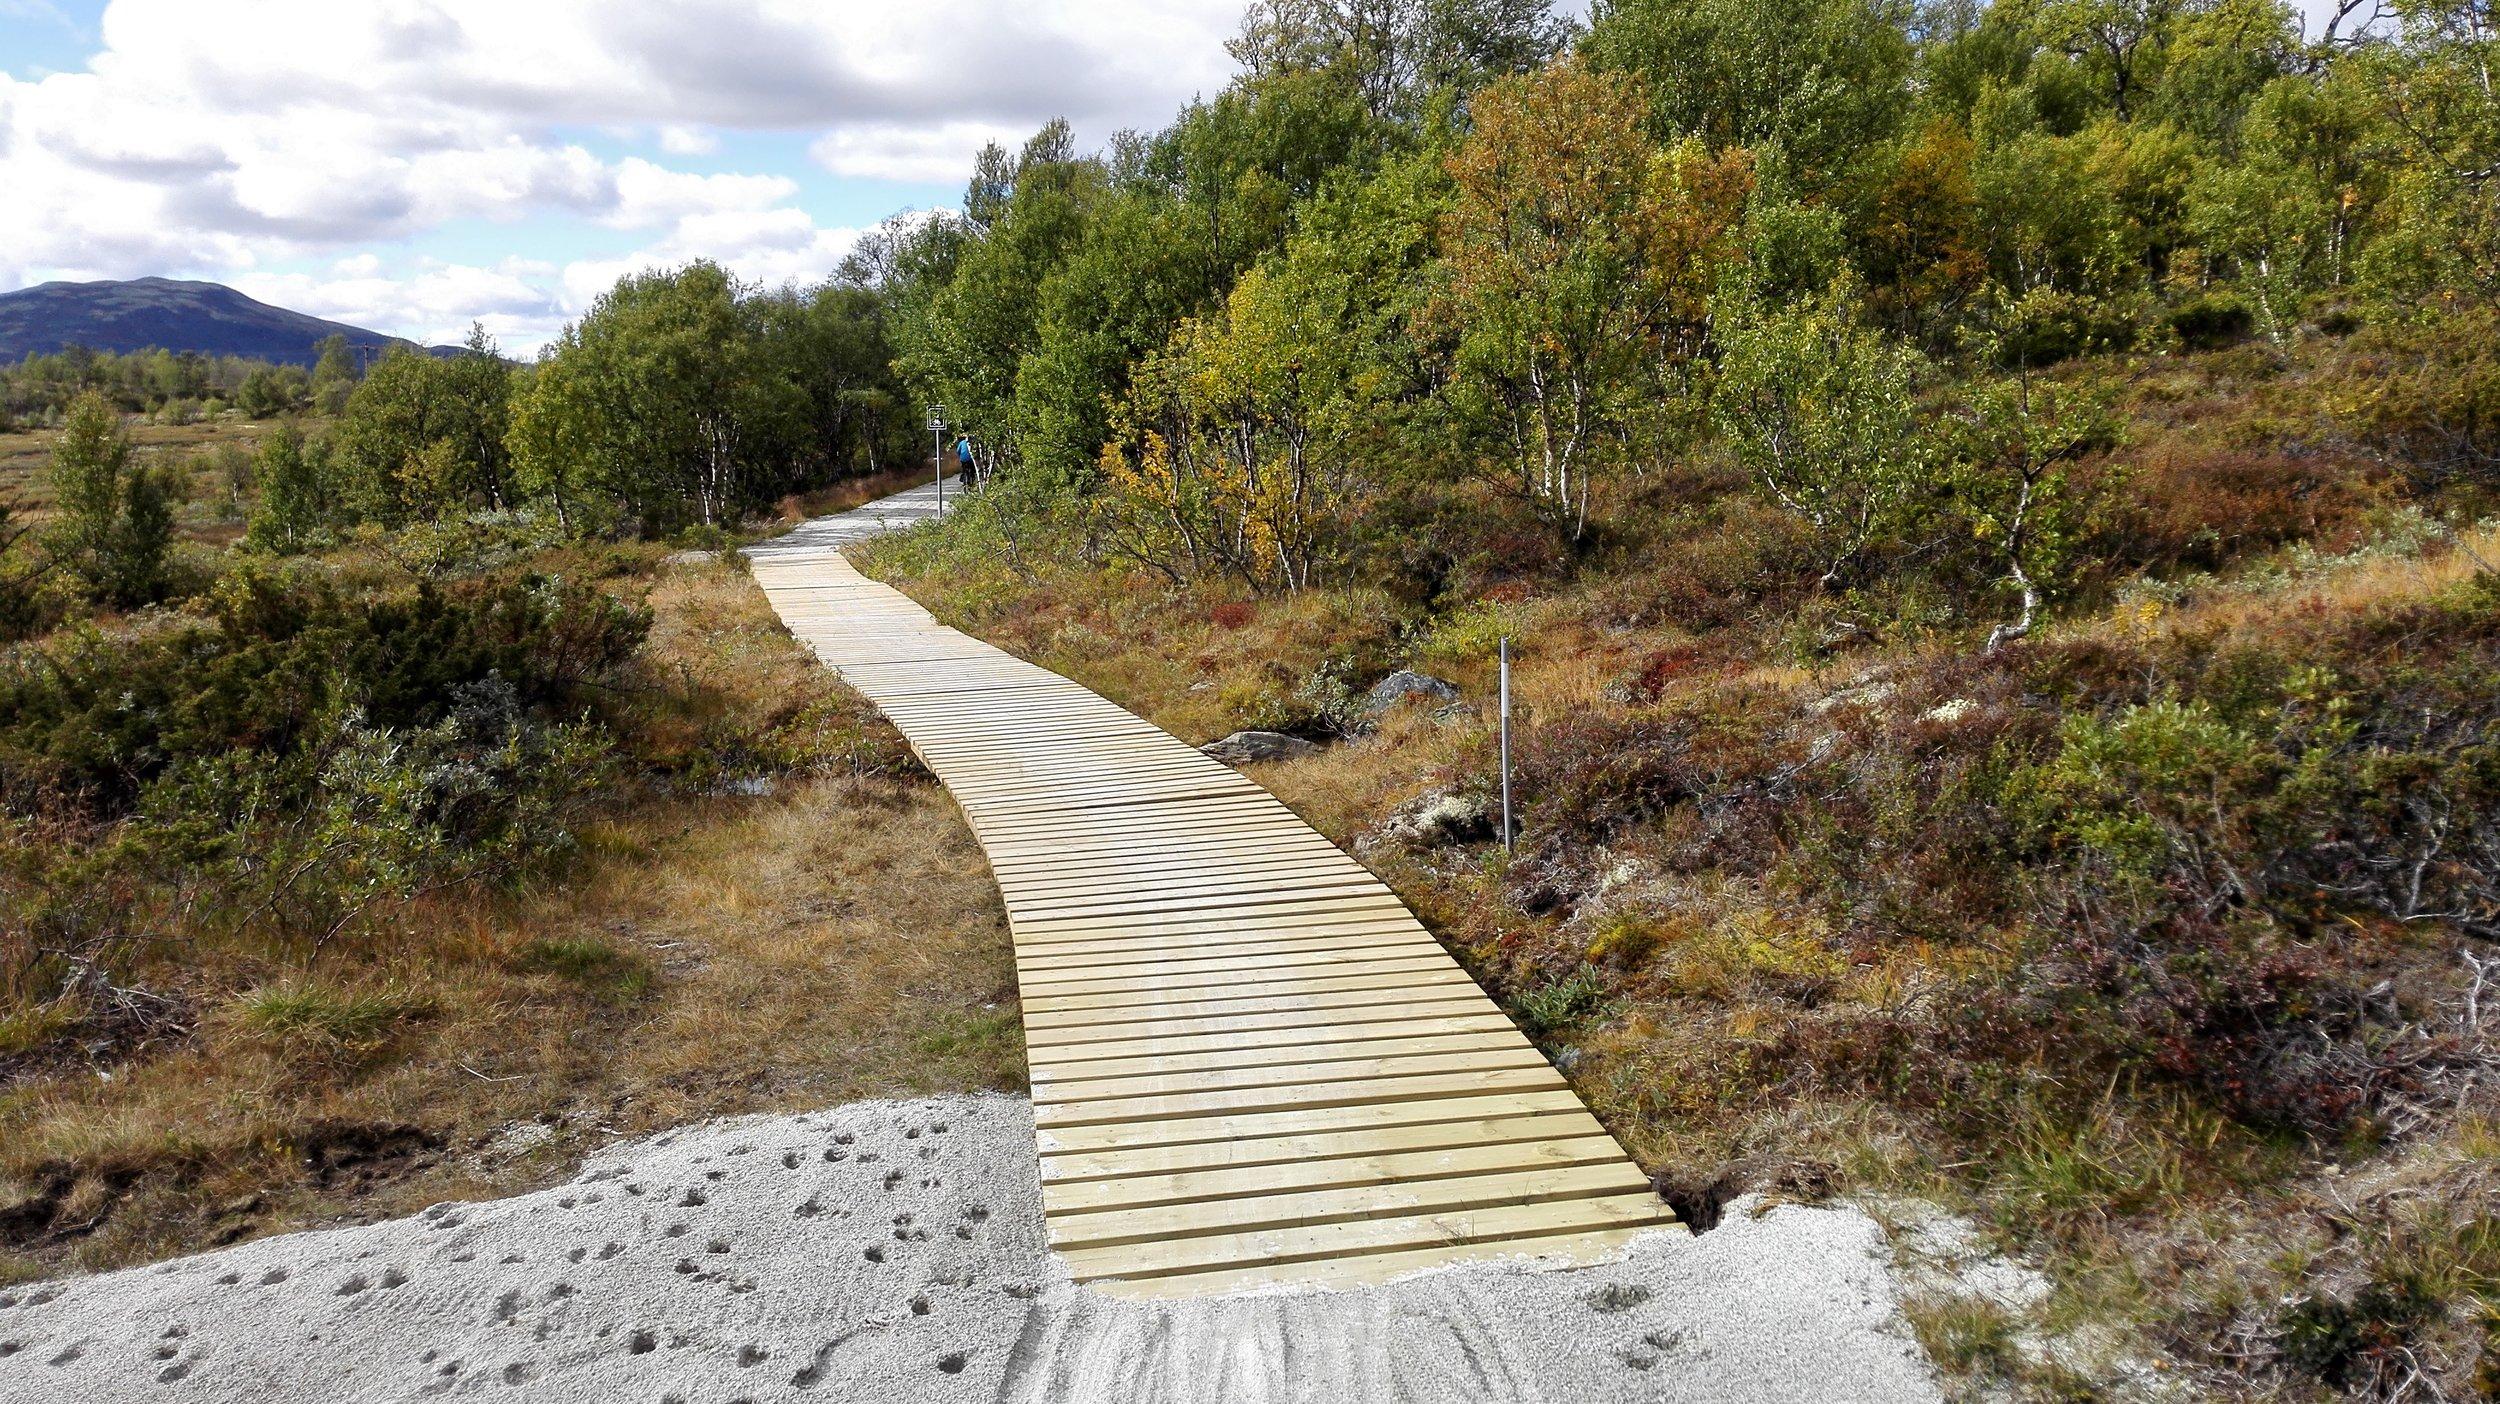 Kavlebro over myrlendt strekning. Foto: Inge Angård